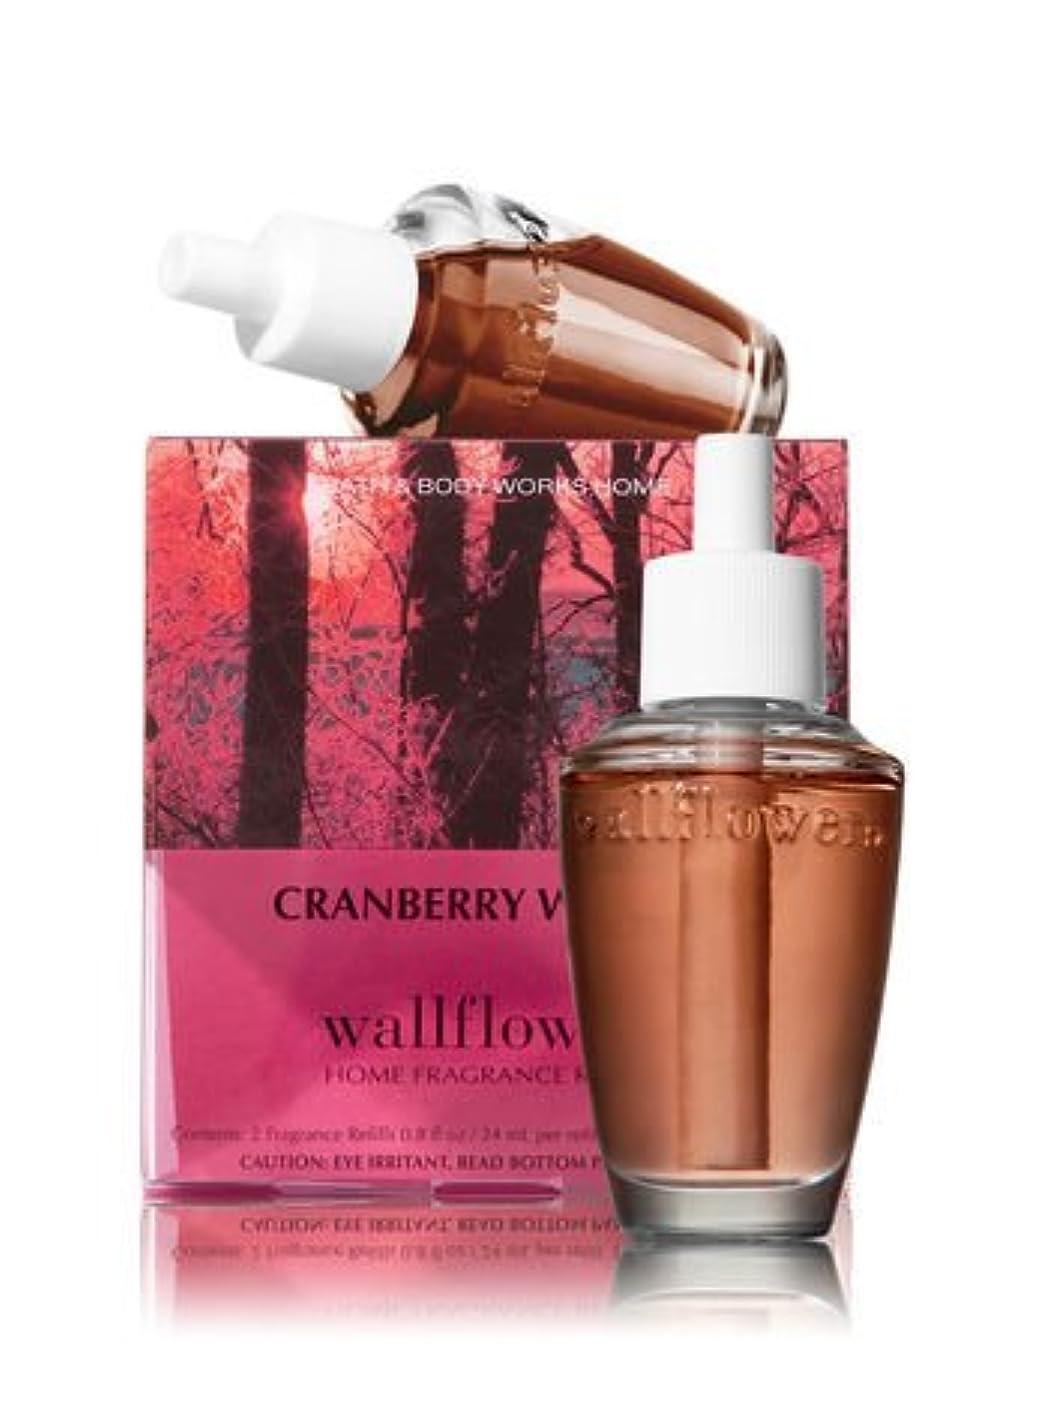 群れ発火する単に【Bath&Body Works/バス&ボディワークス】 ルームフレグランス 詰替えリフィル(2個入り) クランベリーウッズ Wallflowers Home Fragrance 2-Pack Refills Cranberry Woods [並行輸入品]